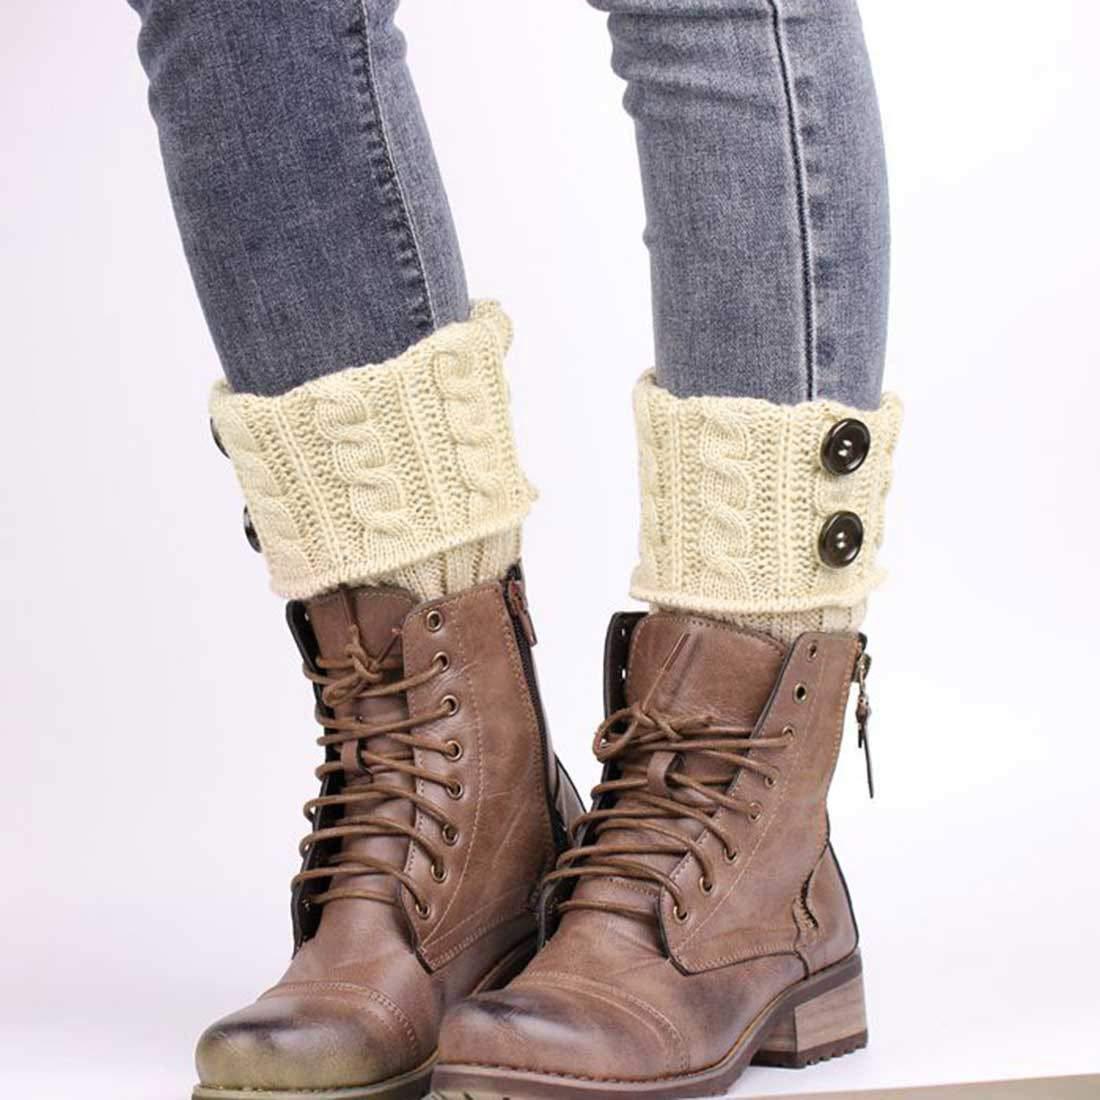 calze regalo di Natale per mamma e moglie lavorati alluncinetto elasticizzati scaldamuscoli invernali da donna caldi calzini per stivali Tuopuda